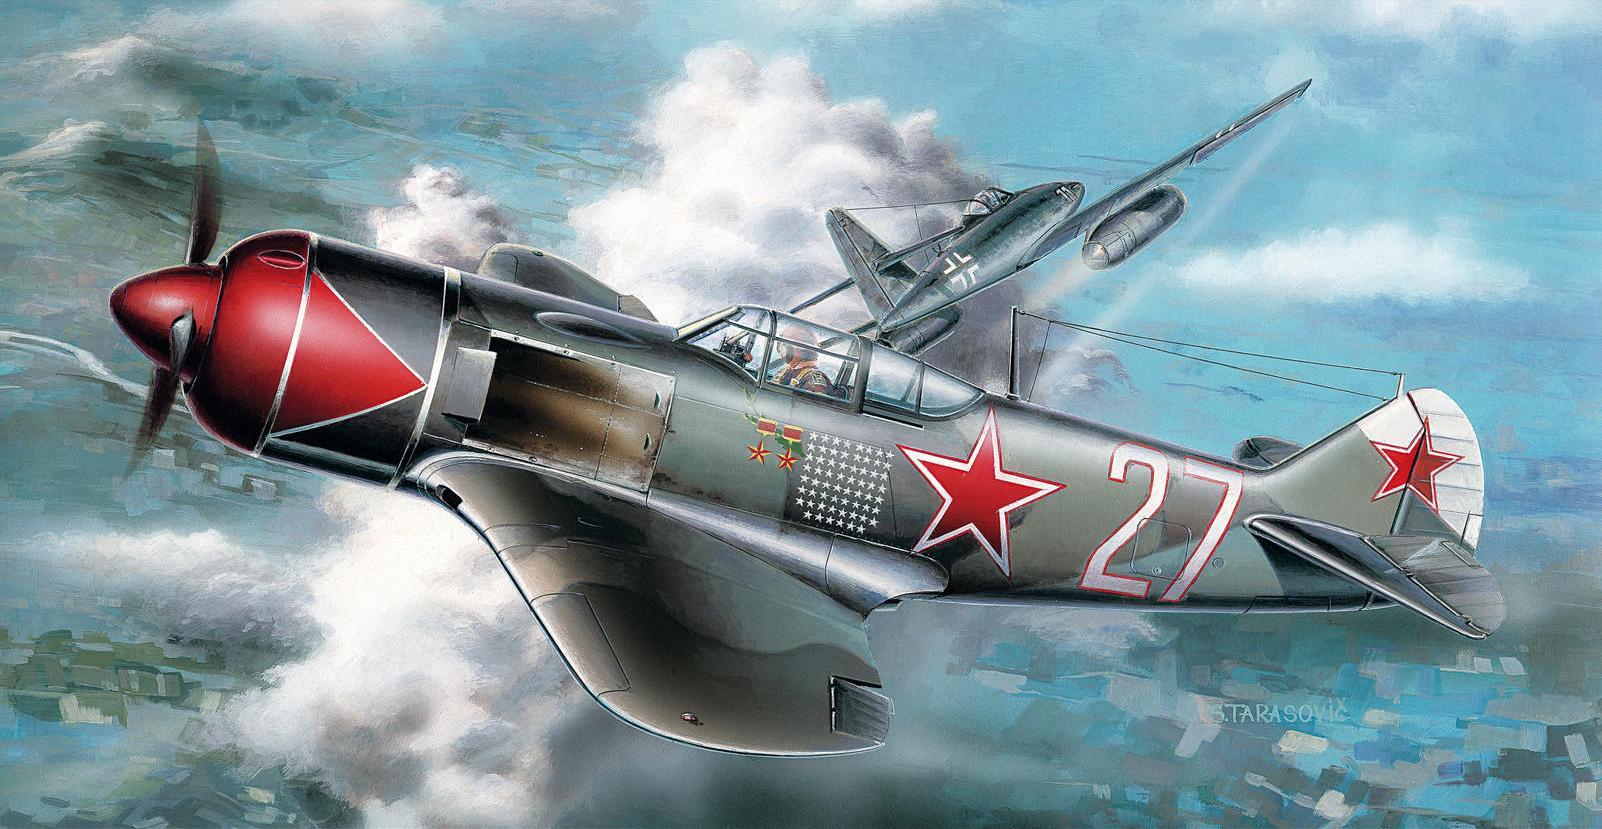 рисунок Ла-7 в бою с Ме-262